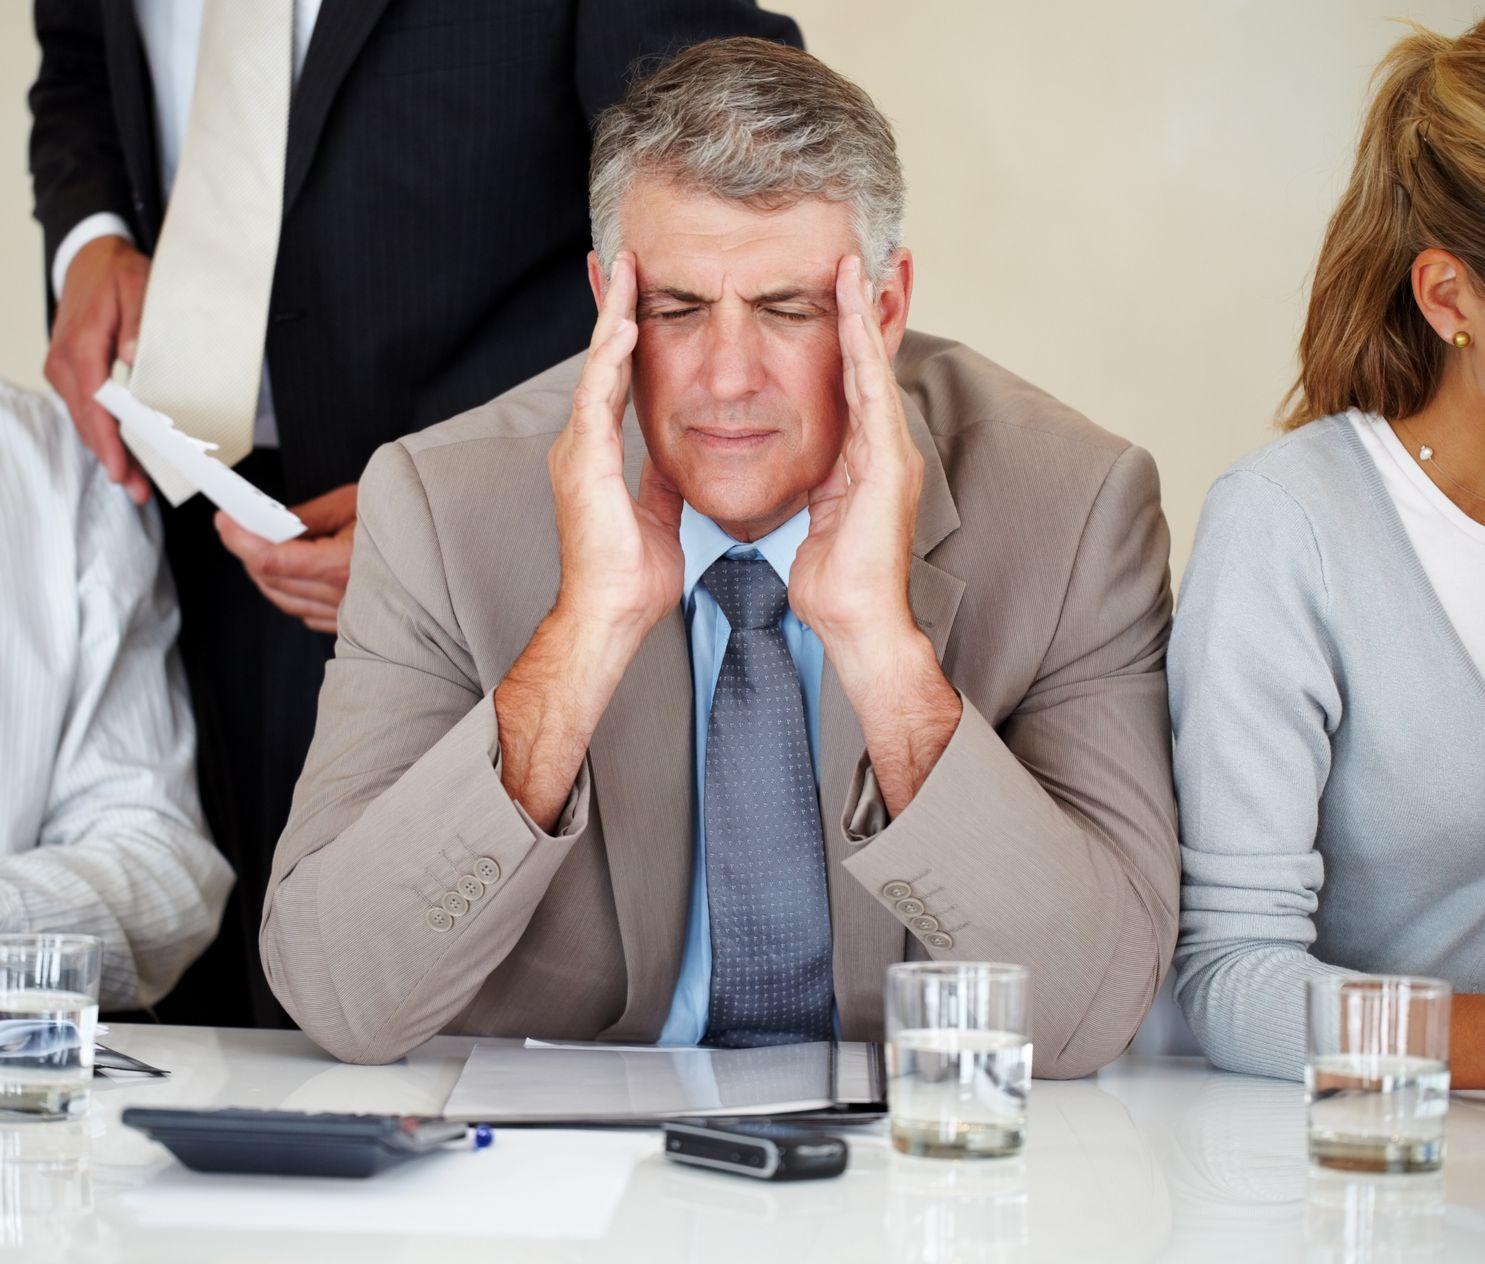 chef d'entreprise maux de tête impression